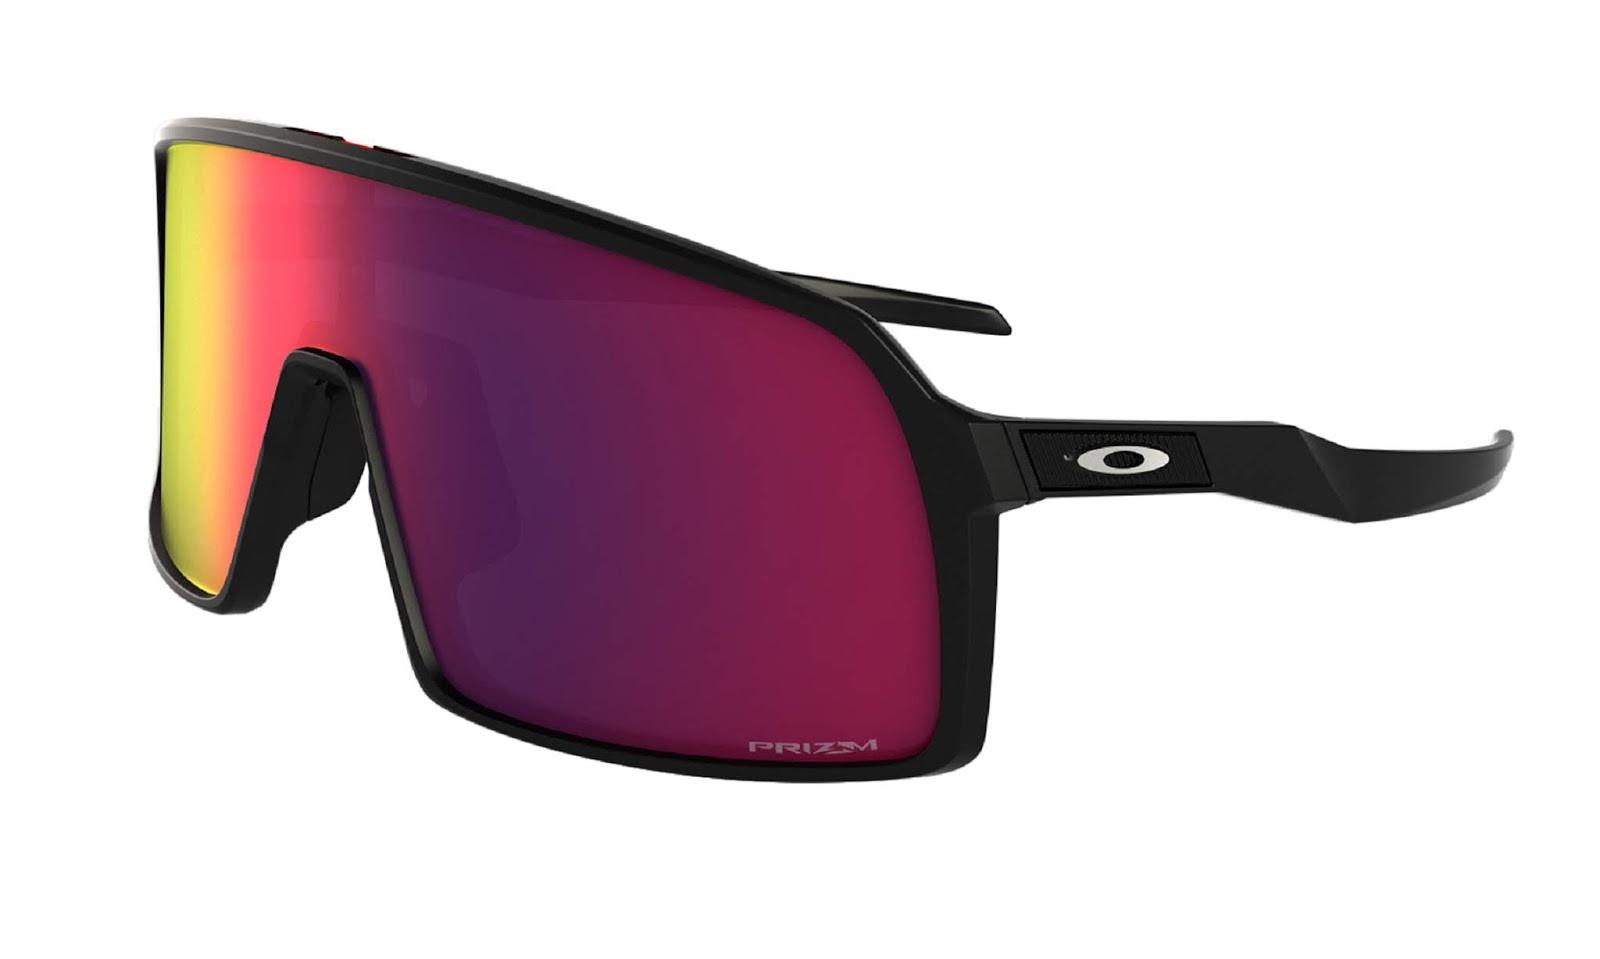 123df5a4d3 ... además de permitir una gran calidad de visión gracias a sus lentes  Prizm, diseñadas para mejorar el color, el contraste y el nivel de detalle.